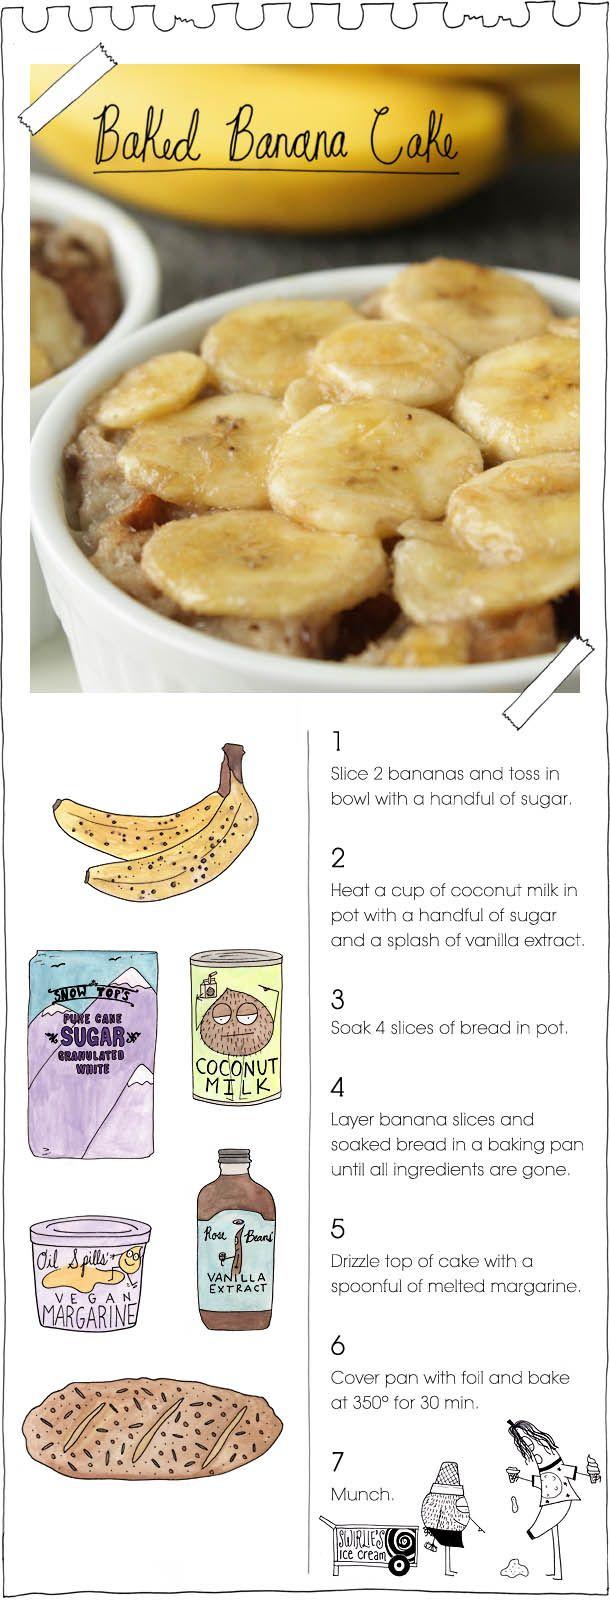 recetas de cocina - Baked Banana Cake